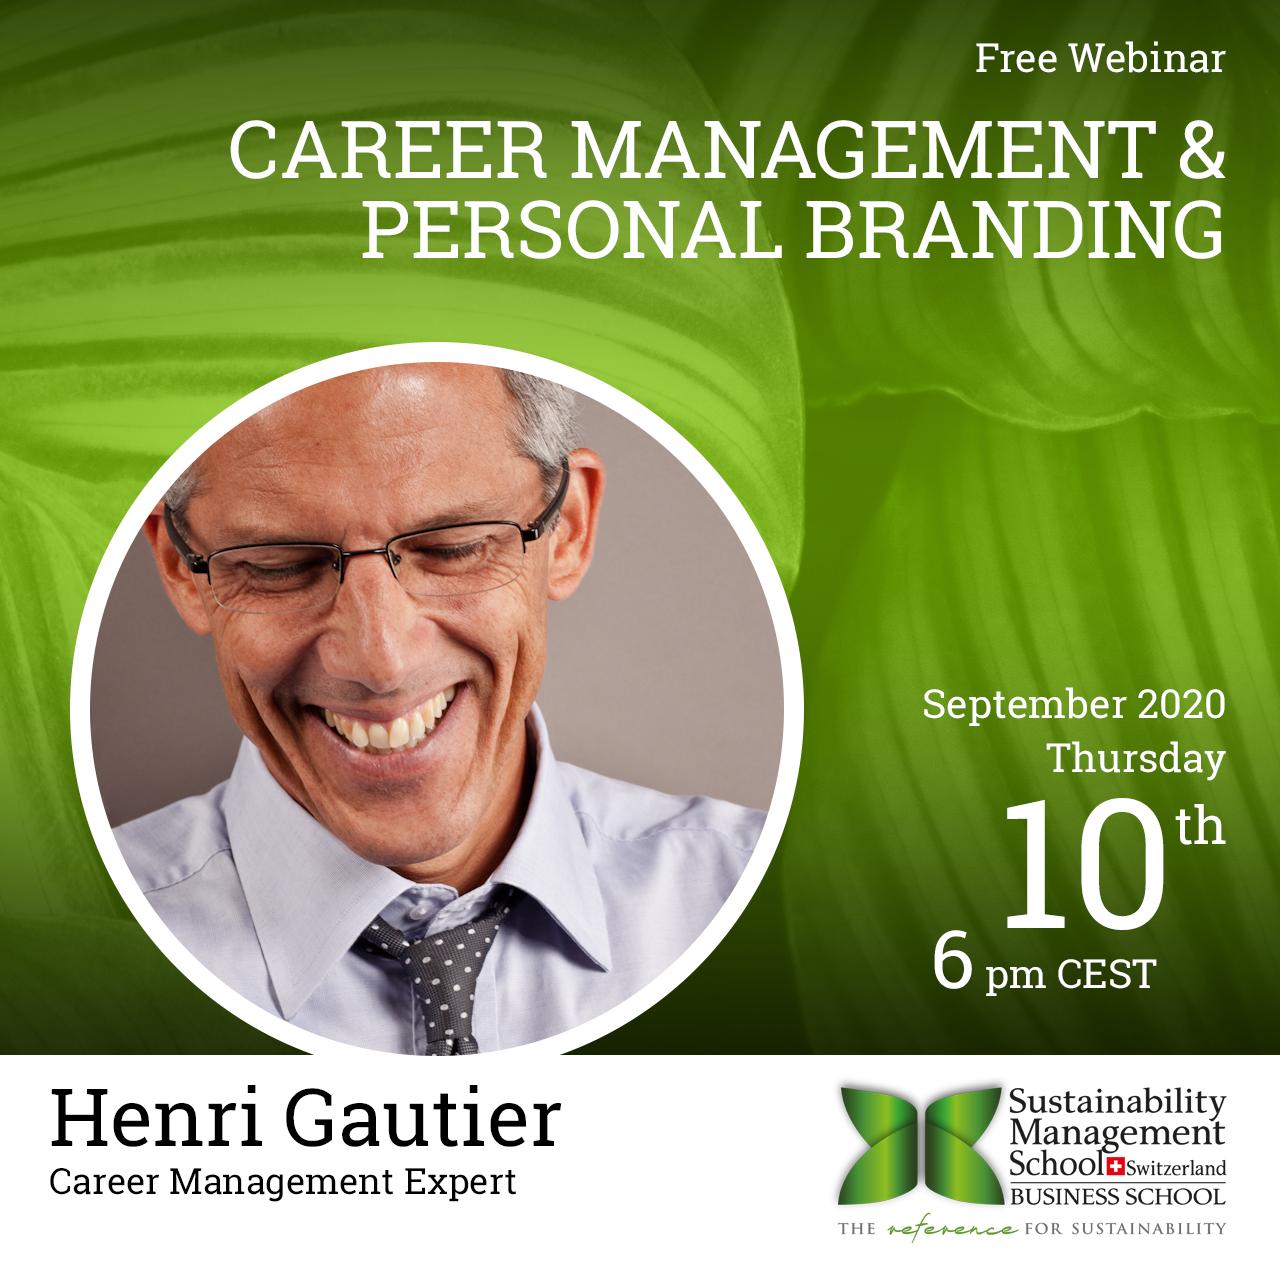 Career Management & Personal Branding with Professor Henri Gautier